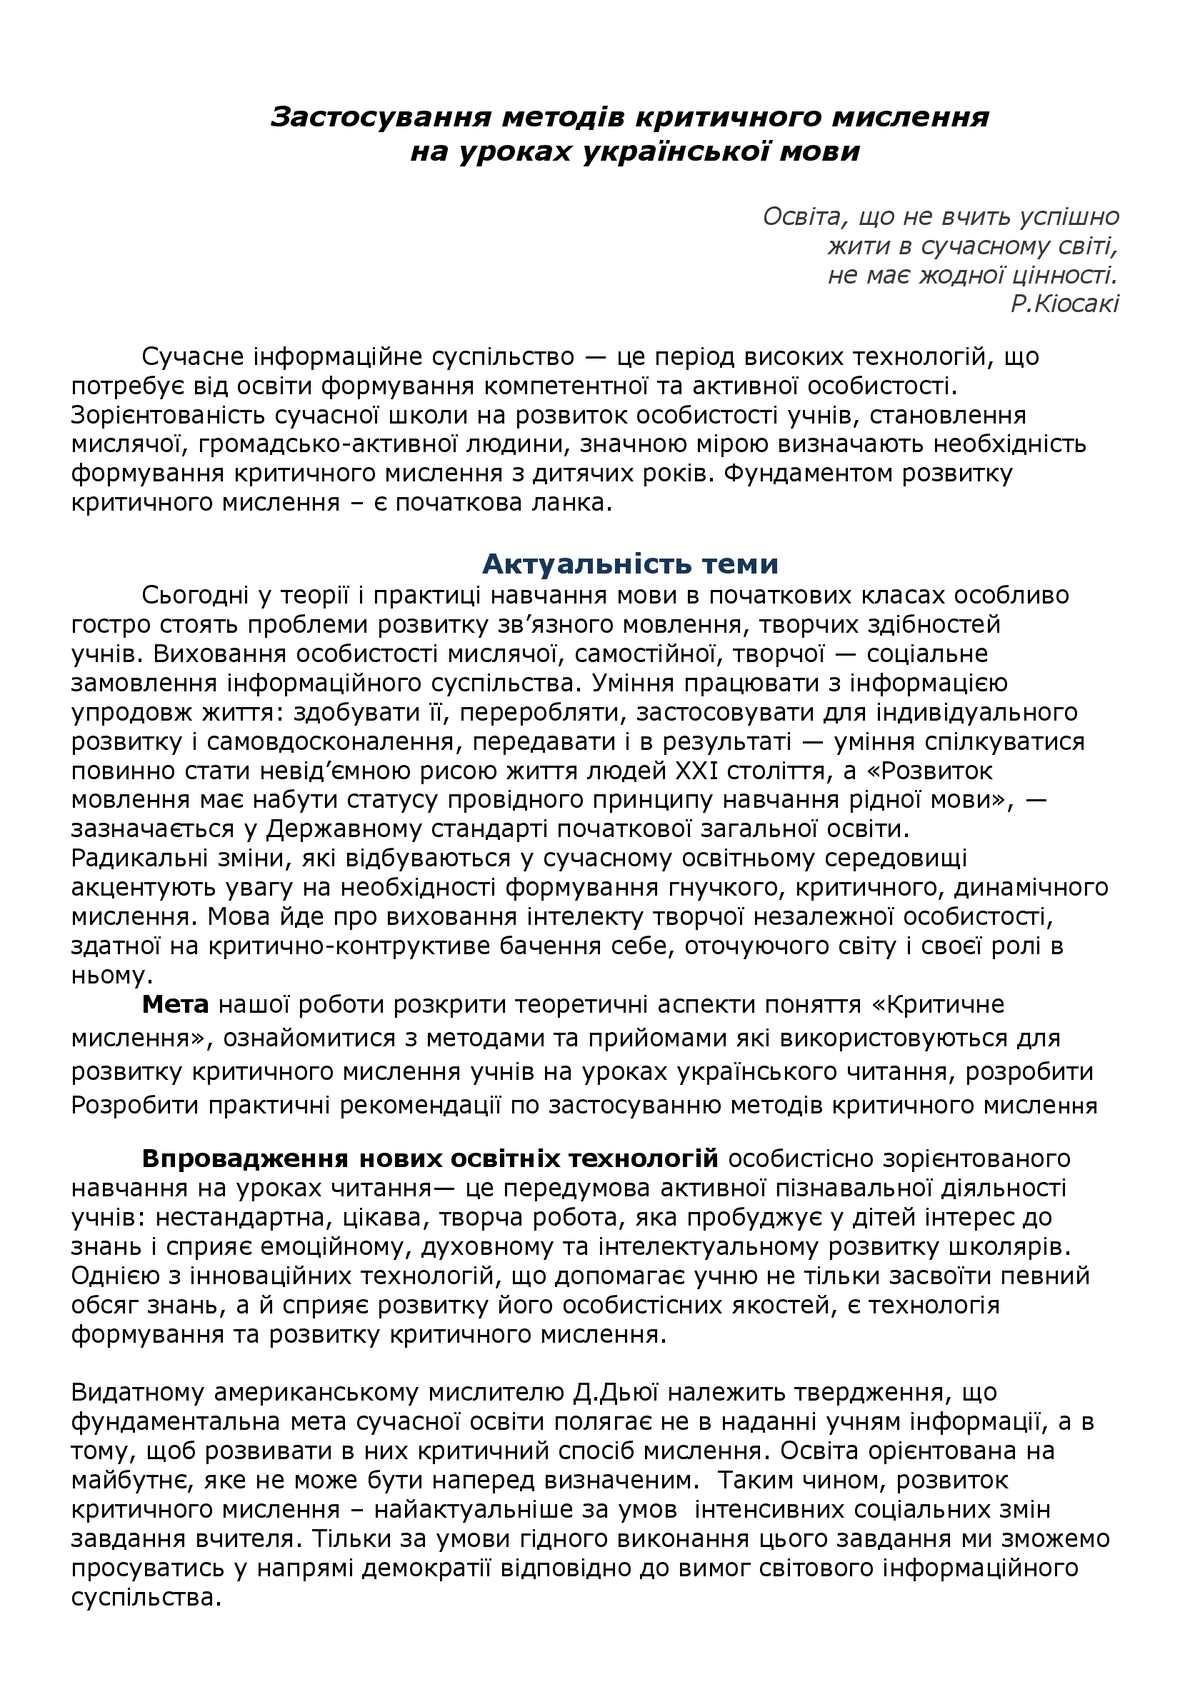 Застосування критичного мислення на уроках української мови в початкових класах